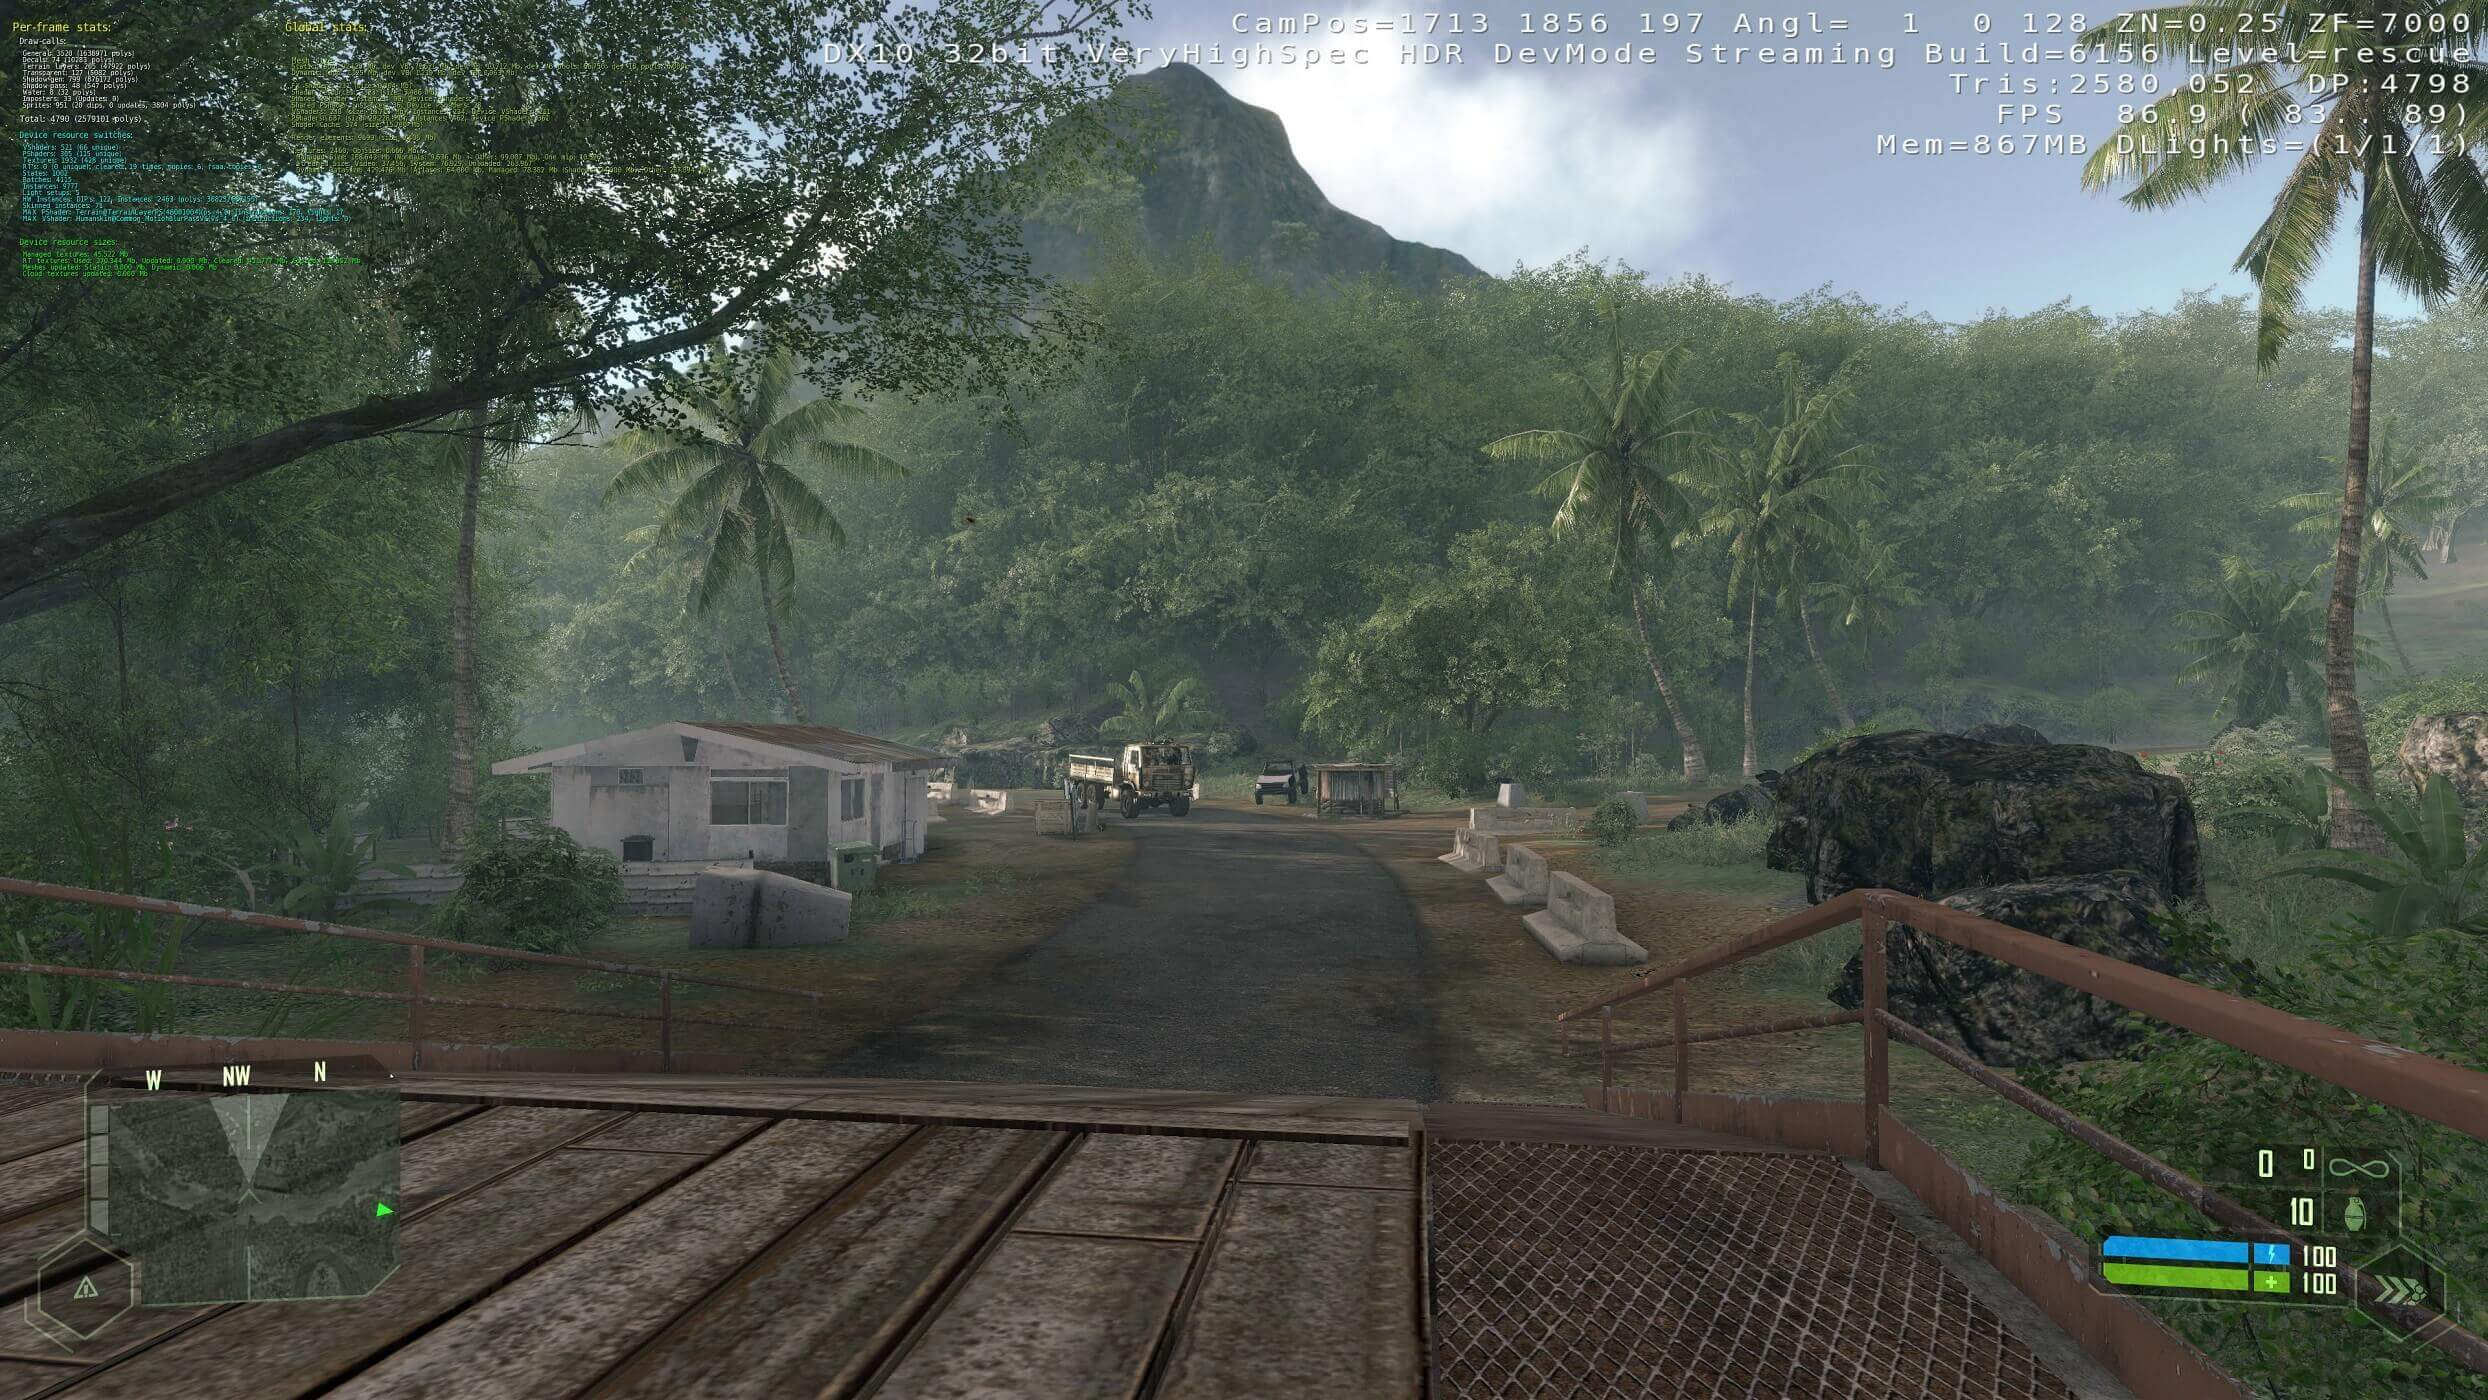 «А Crysis потянет?» Почему до сих пор обсуждают игру, выпущенную 13 лет назад - 21